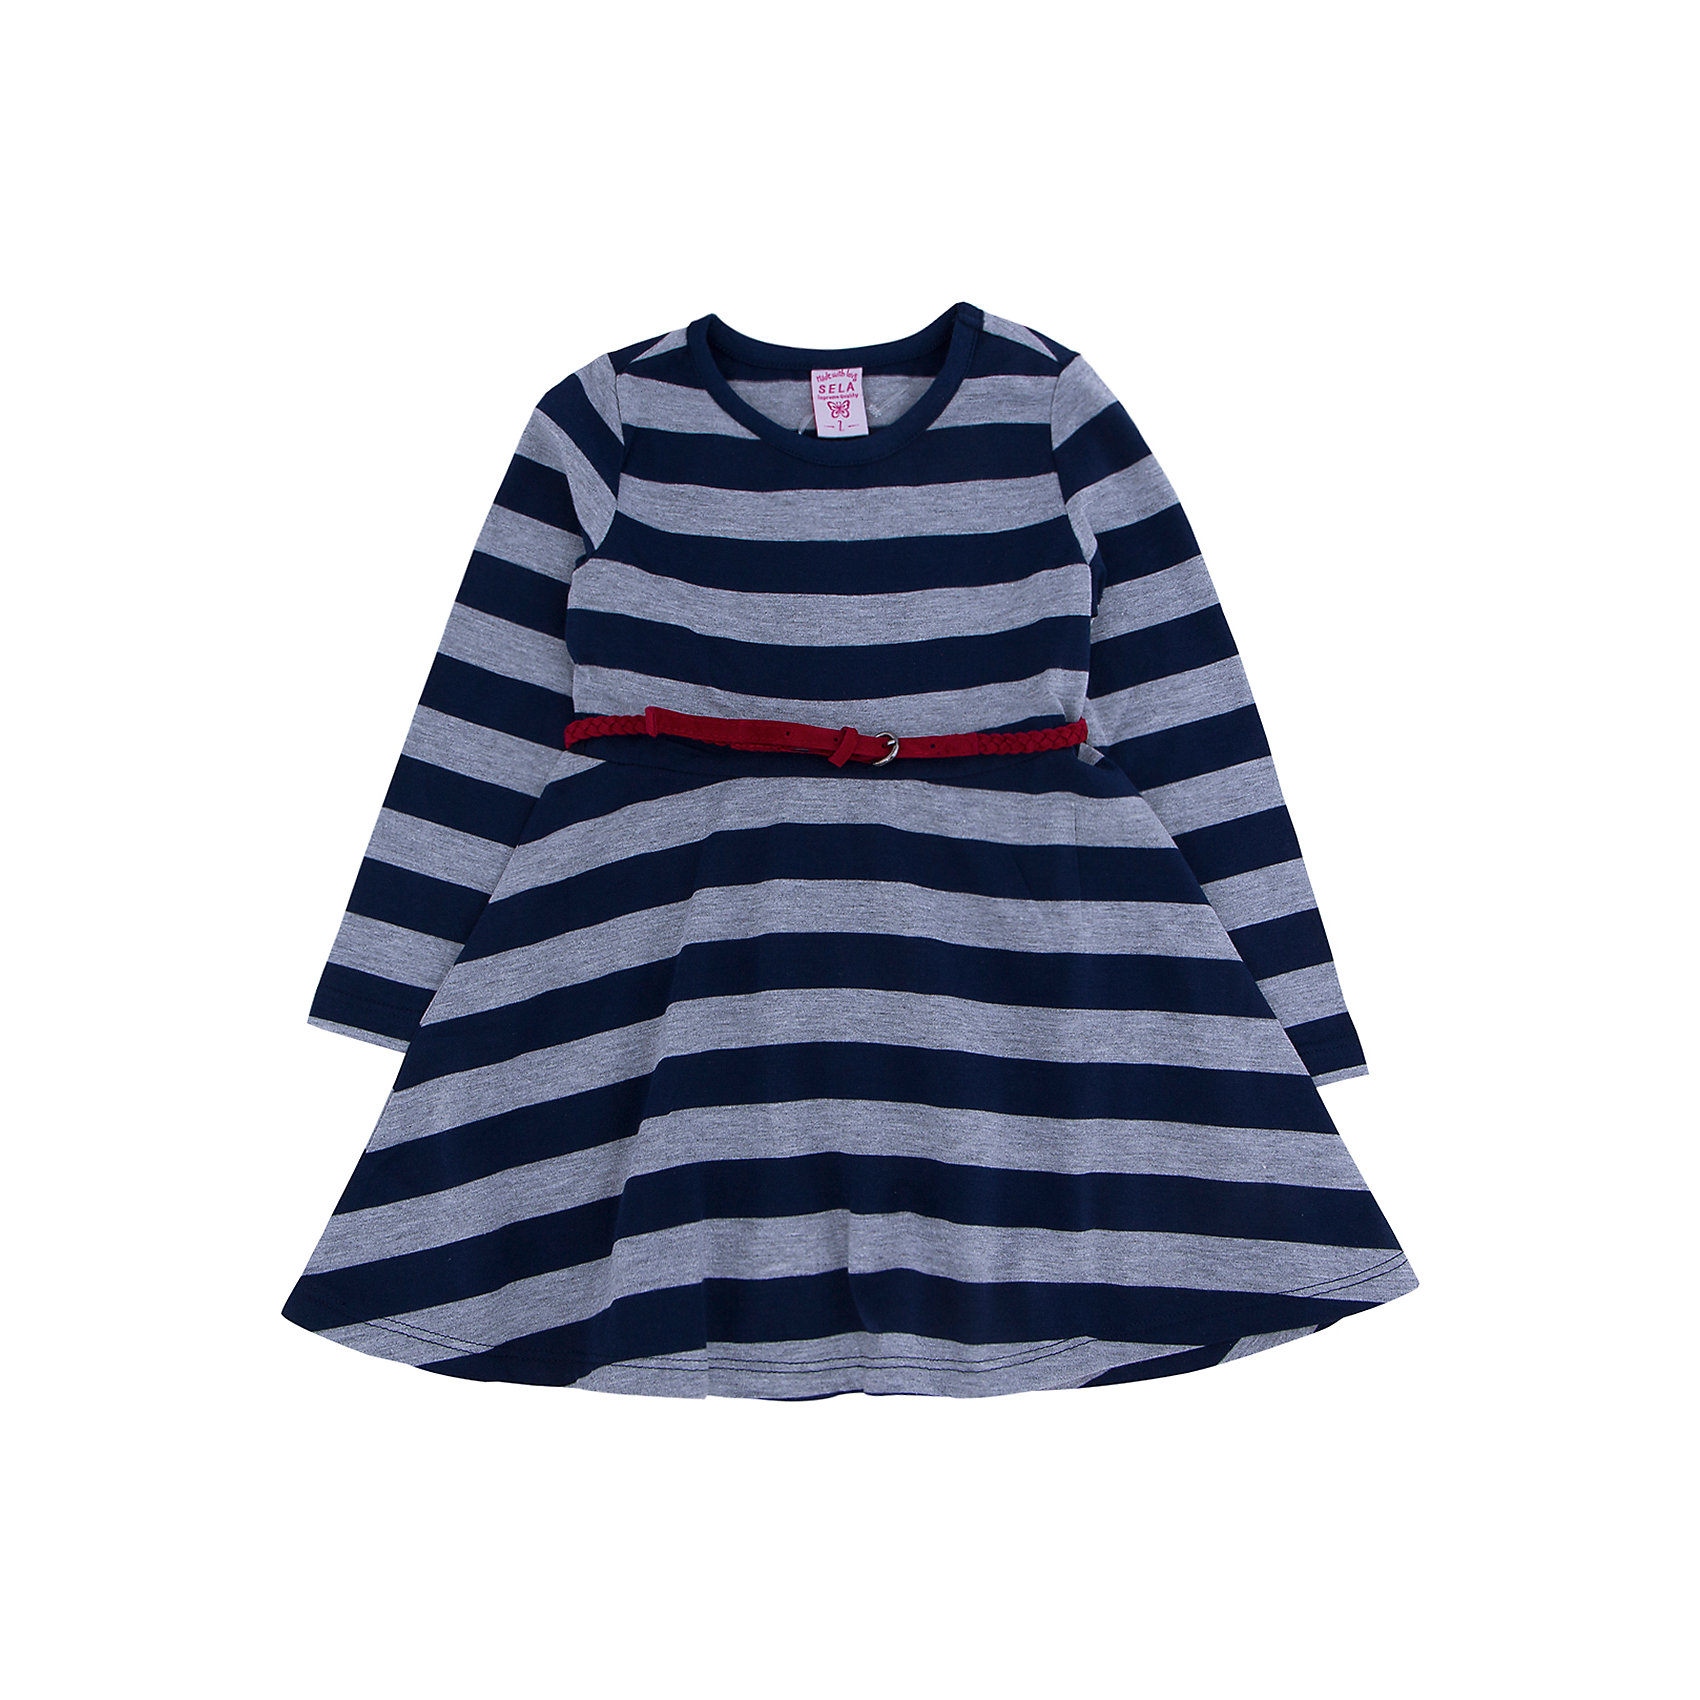 Платье для девочки SELAСтильное платье в крупную полоску с элегантным красным ремешком, то что необходимо иметь в гардеробе юной леди.<br><br>Платье очень удобно и его можно носить на праздник, либо в школу или просто на прогулку.<br><br>Дополнительная информация:<br><br>- Свободный крой.<br>- Длинный рукав, длина до колен, силуэт расклешенный. <br>- Цвет: темно-синий.<br>- Состав: 65% хлопок, 35% ПЭ.<br>- Бренд: SELA<br>- Коллекция: осень-зима 2016-2017<br><br>Купить платье для девочки от SELA можно в нашем магазине.<br><br>Ширина мм: 236<br>Глубина мм: 16<br>Высота мм: 184<br>Вес г: 177<br>Цвет: синий<br>Возраст от месяцев: 18<br>Возраст до месяцев: 24<br>Пол: Женский<br>Возраст: Детский<br>Размер: 98,116,110,104,92<br>SKU: 4883498